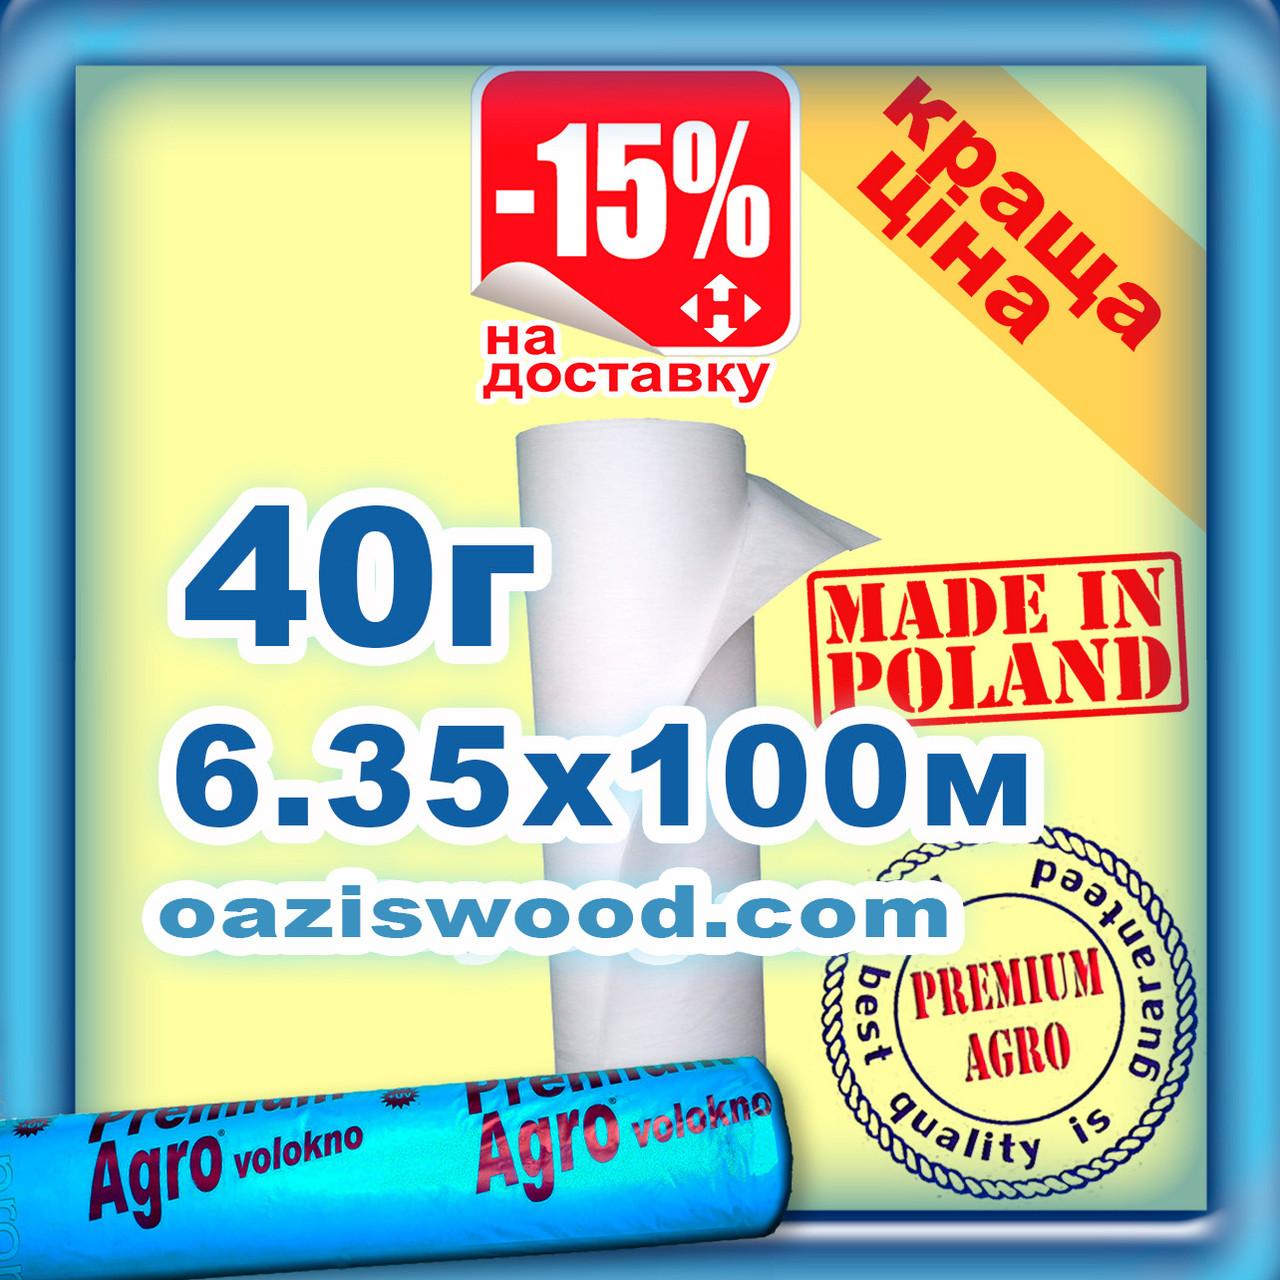 Агроволокно р-40g 6,35*100м белое UV-P 4.5% Premium-Agro Польша